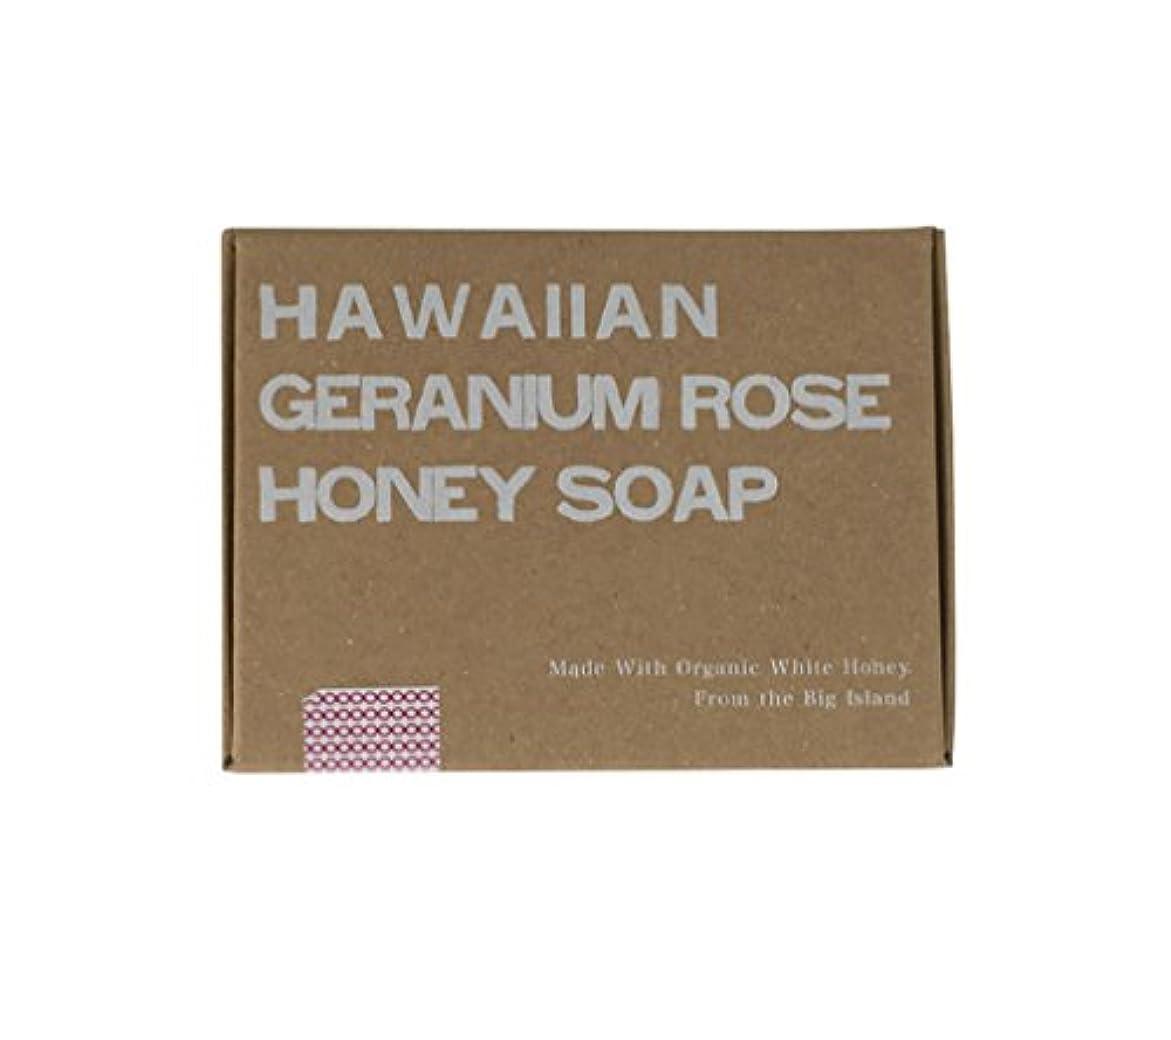 合成燃やす動的ホワイトハニーオーガニクス ハワイアン?ゼラニウムローズ?ハニーソープ (Hawaiian Geranium Rose Honey Soap)